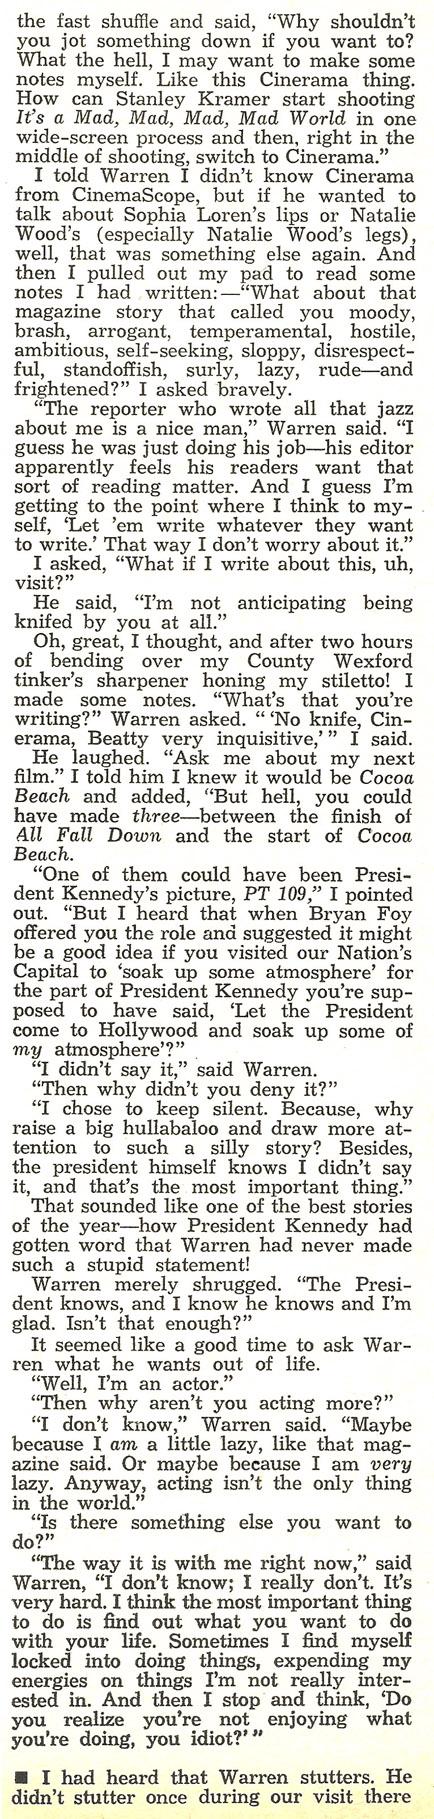 Warren Beatty #4